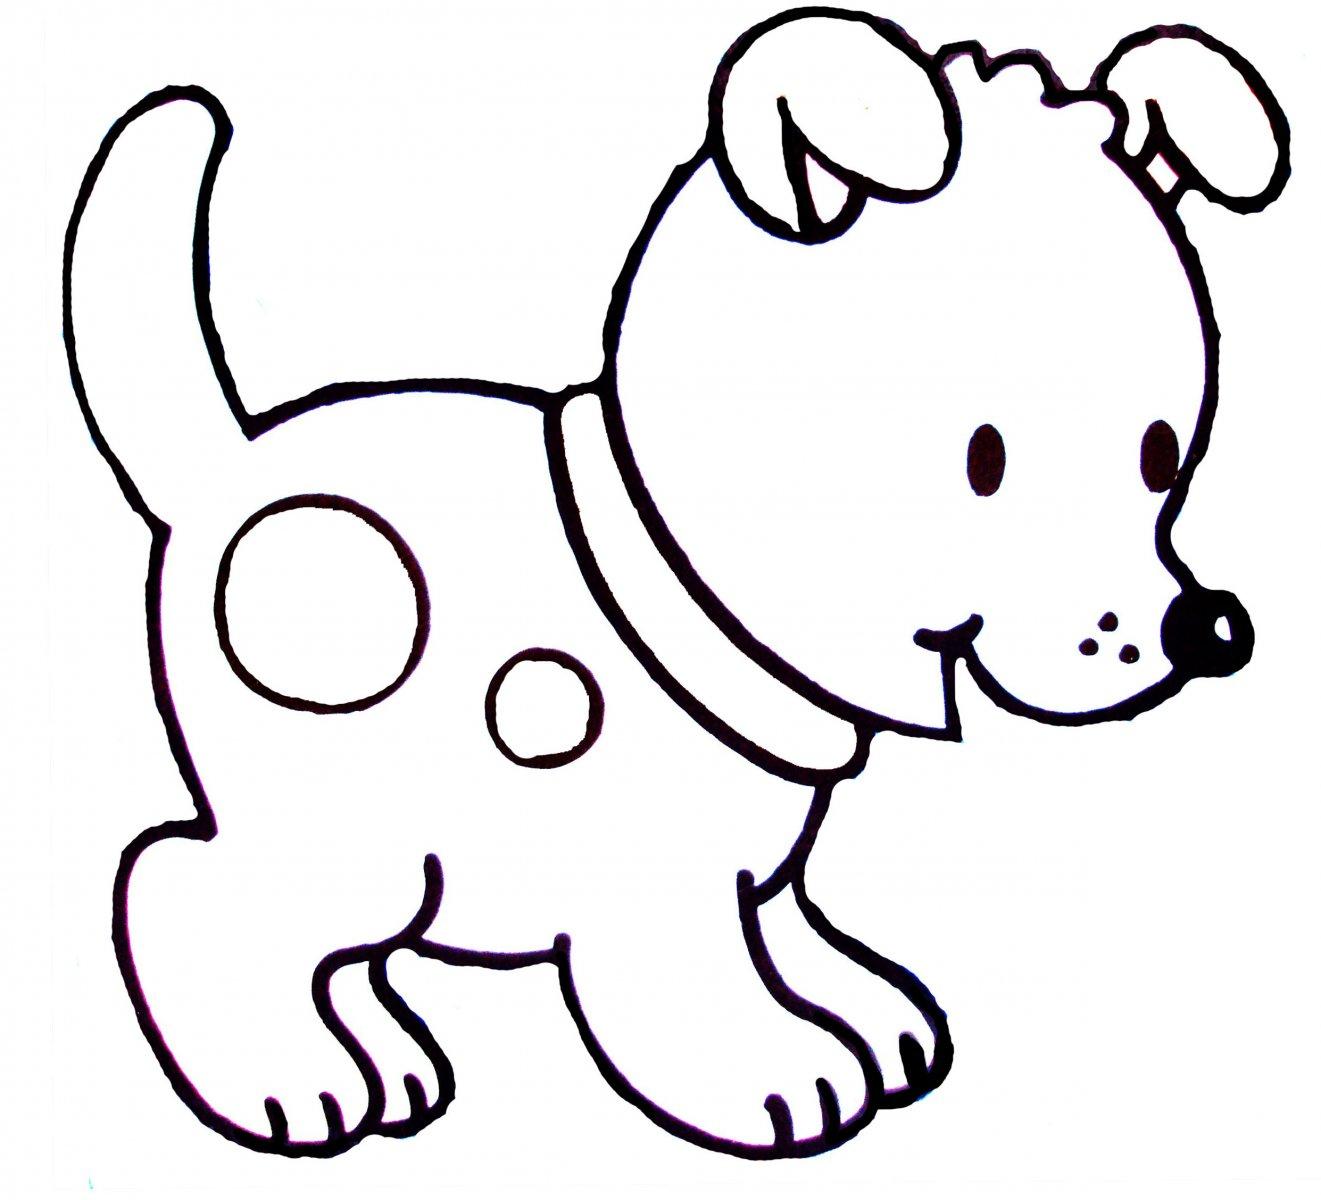 m-dibujos-de-perros.html-9